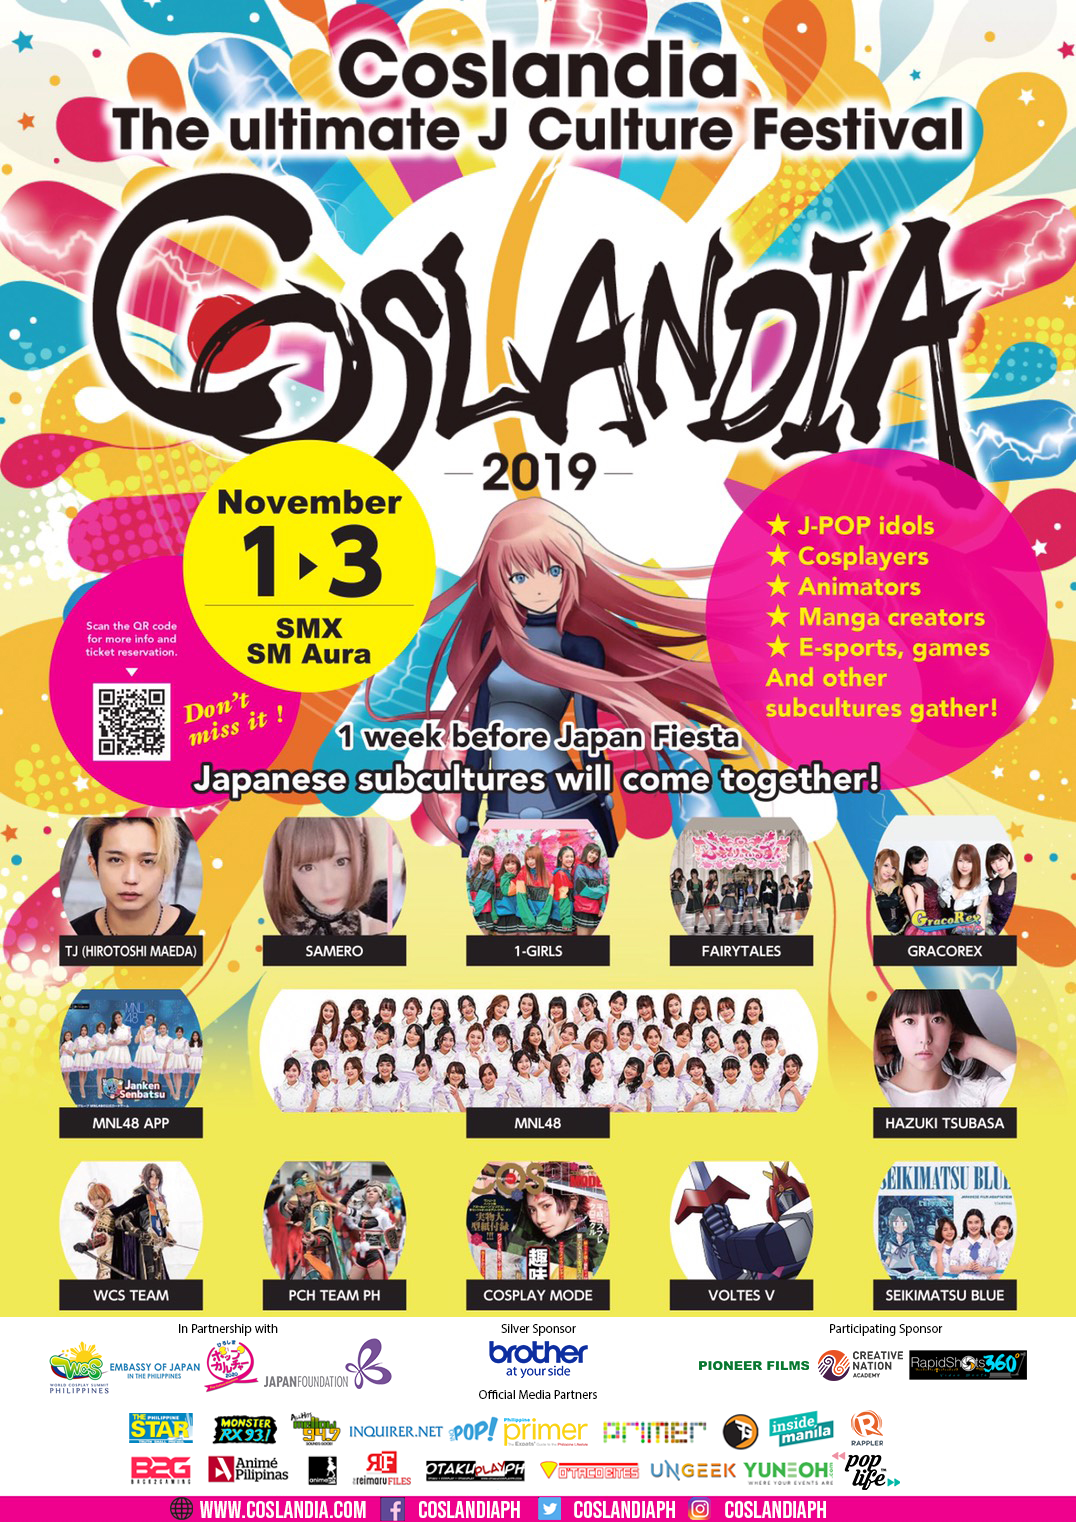 The Ultimate J-Culture Festival Coslandia 2019